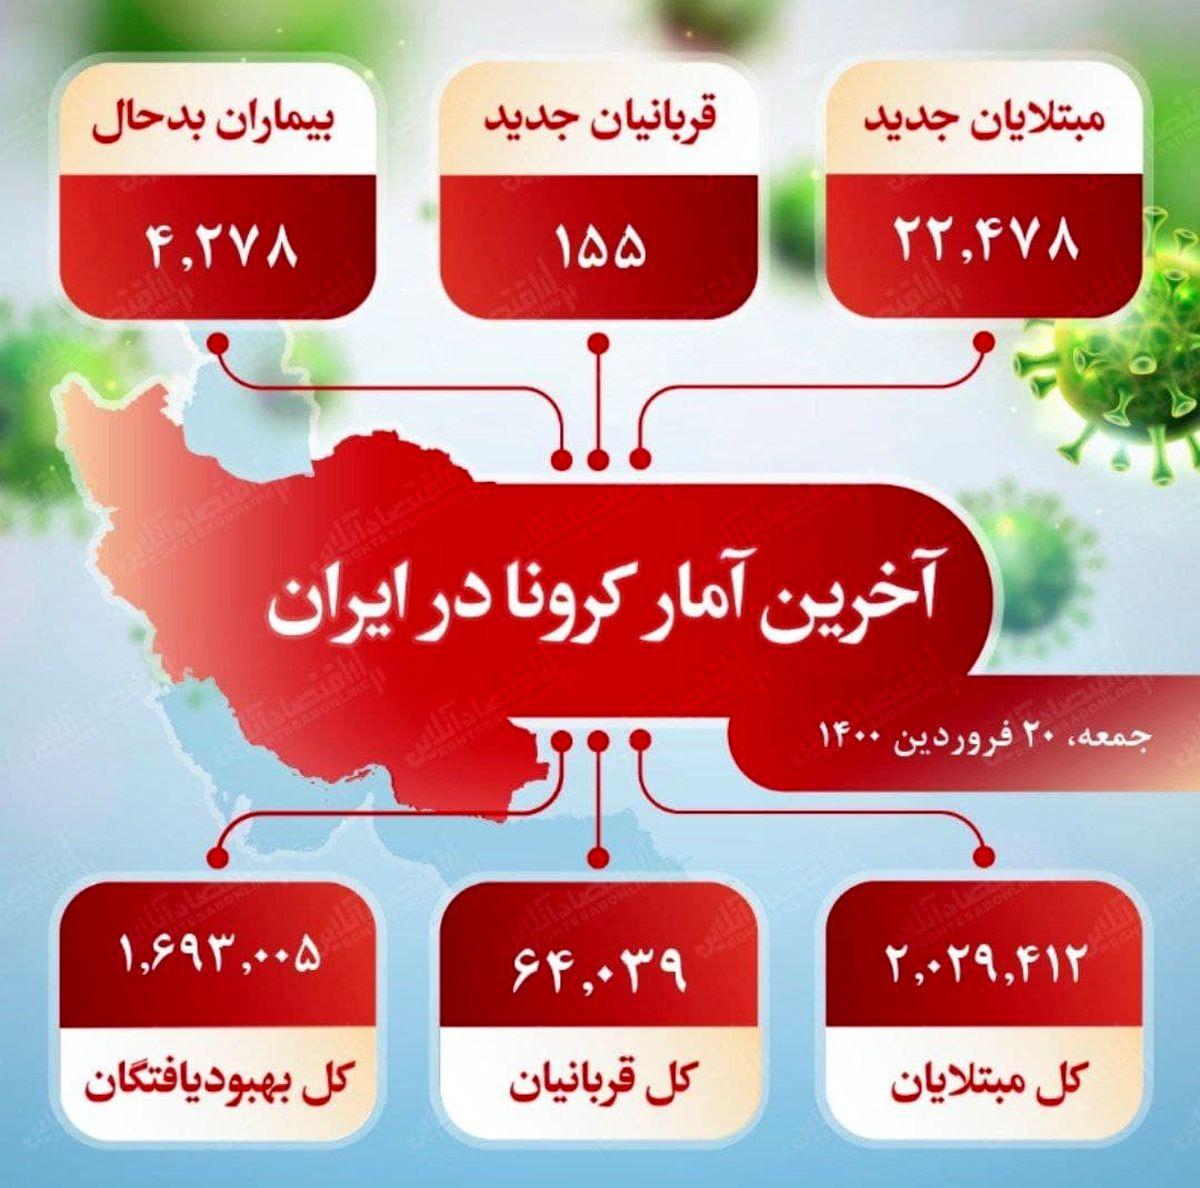 آخرین آمار کرونا در ایران (۱۴۰۰/۱/۲۰)